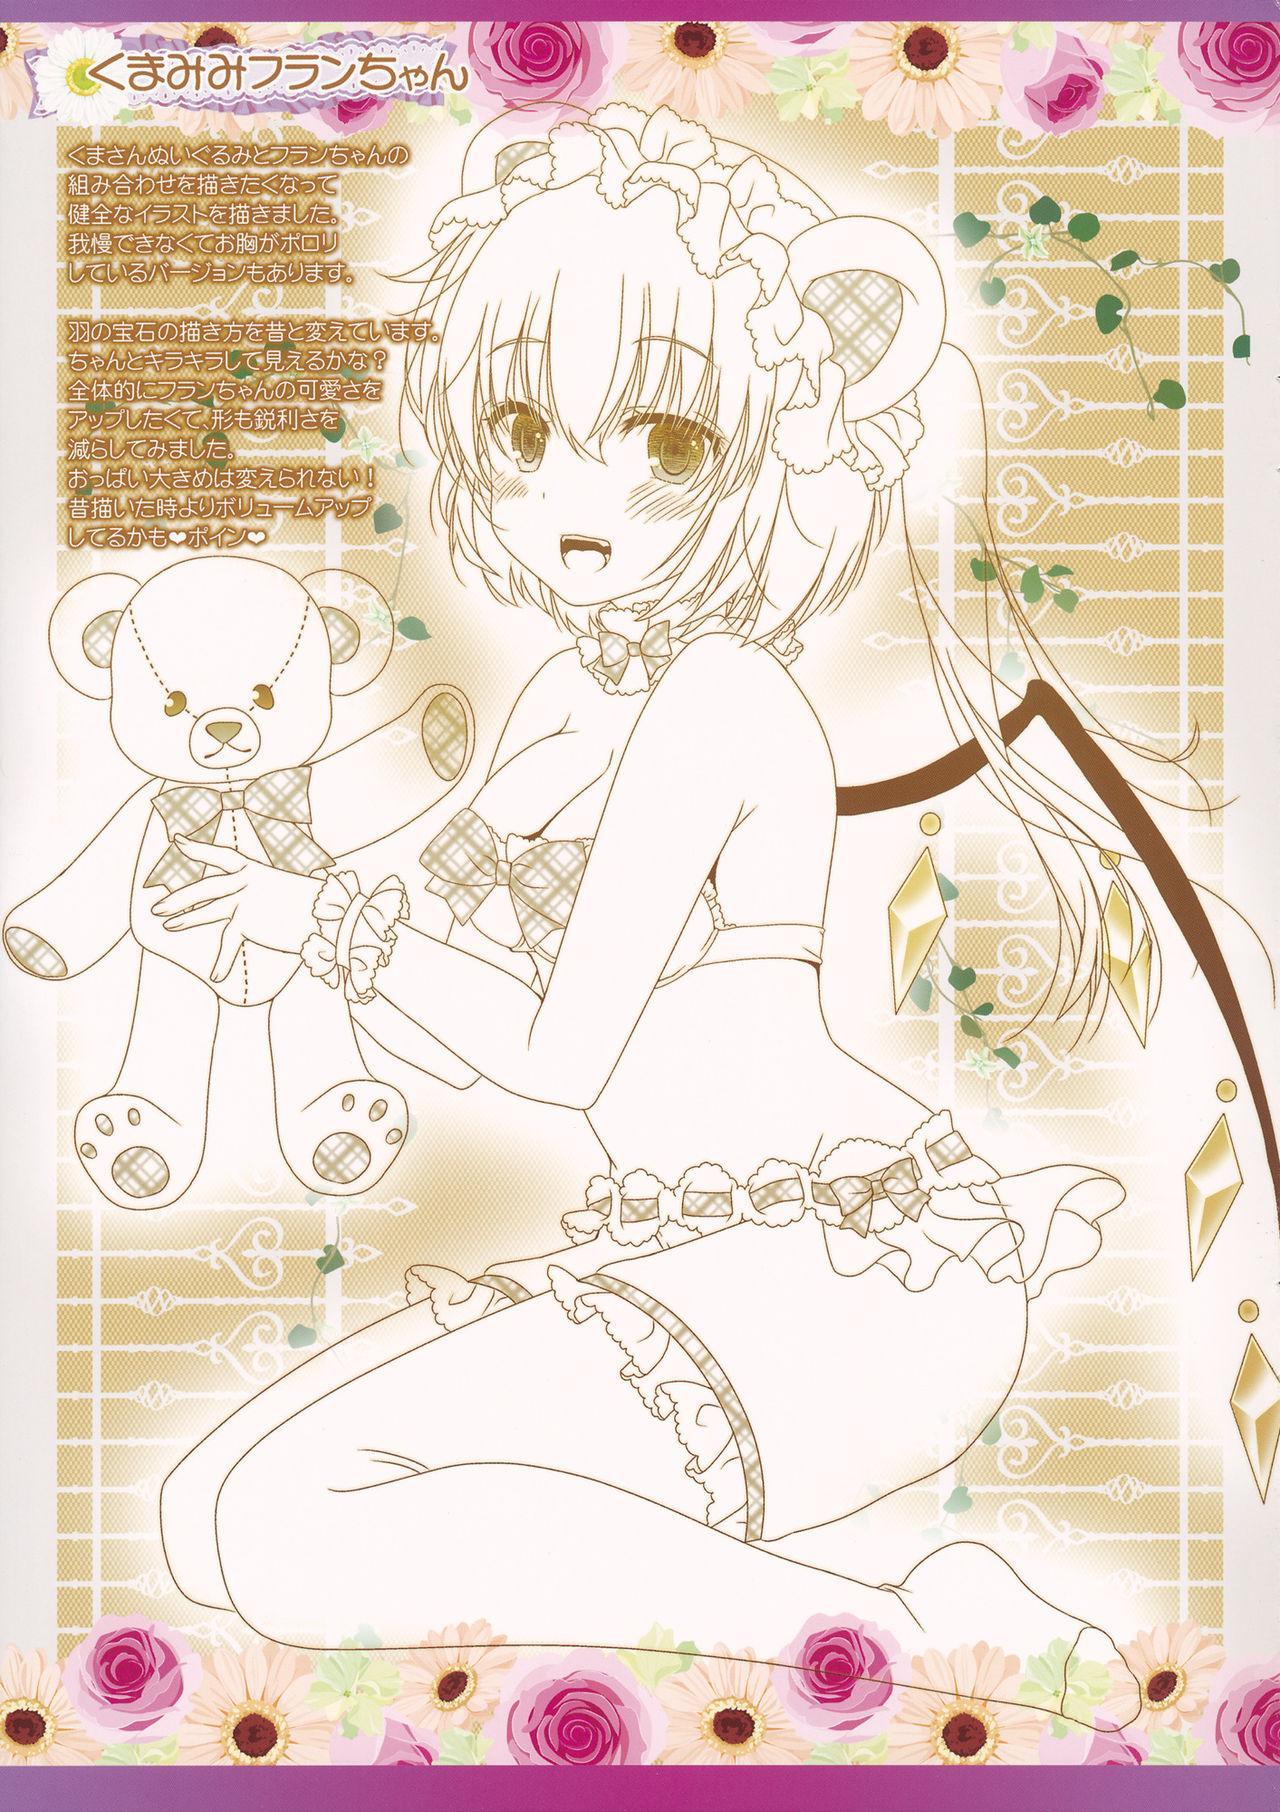 Patche-san to Icha Love Dousei Seikatsu 12